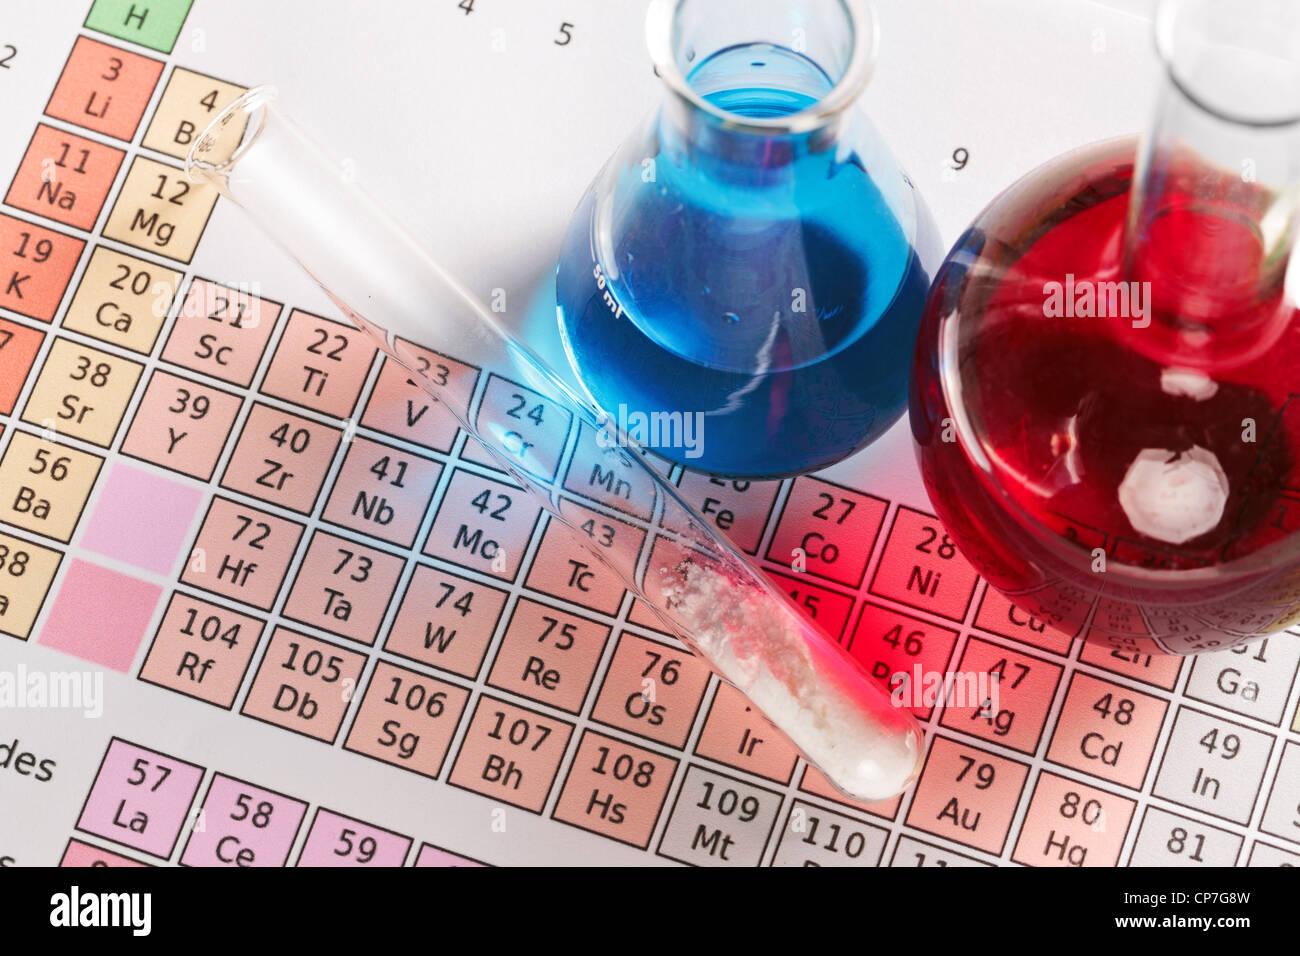 Foto von ein Periodensystem der Elemente mit Fläschchen und Reagenzglas mit chemischen Flüssigkeit und Stockbild